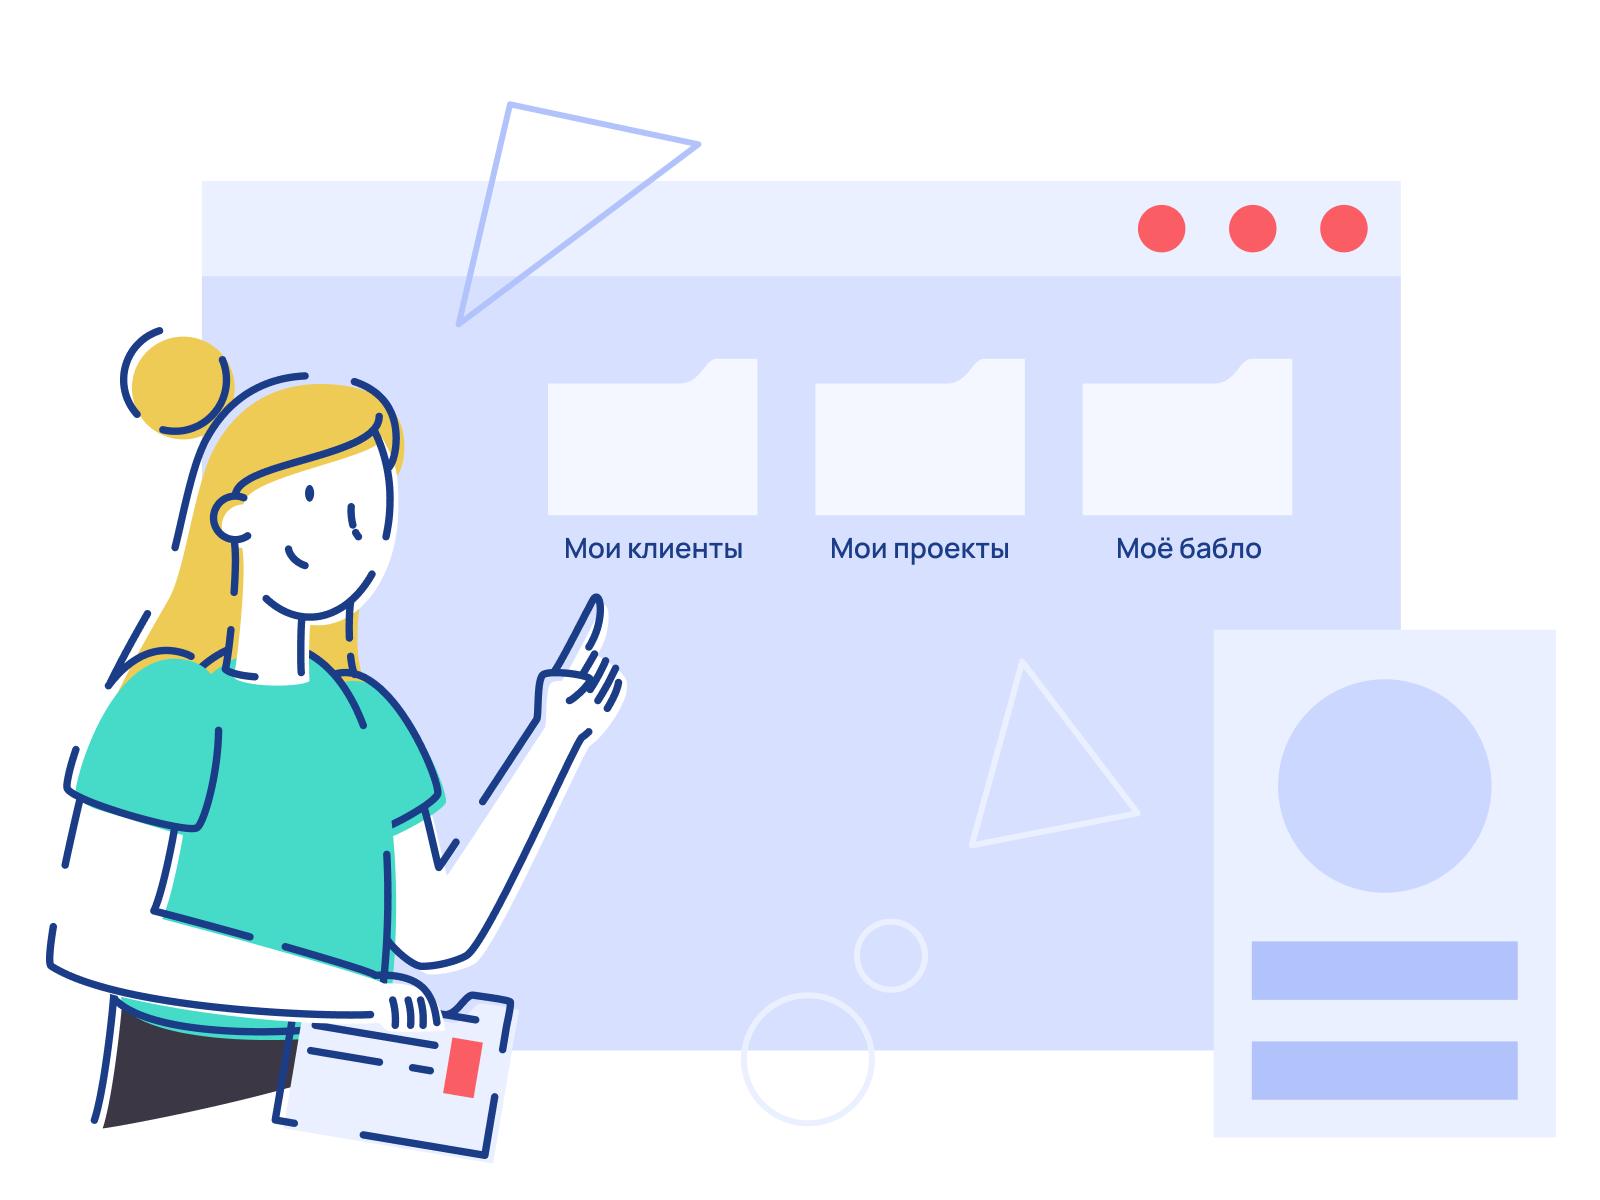 6 способов дополнительного дохода для дизайнеров и разработчиков / Хабр